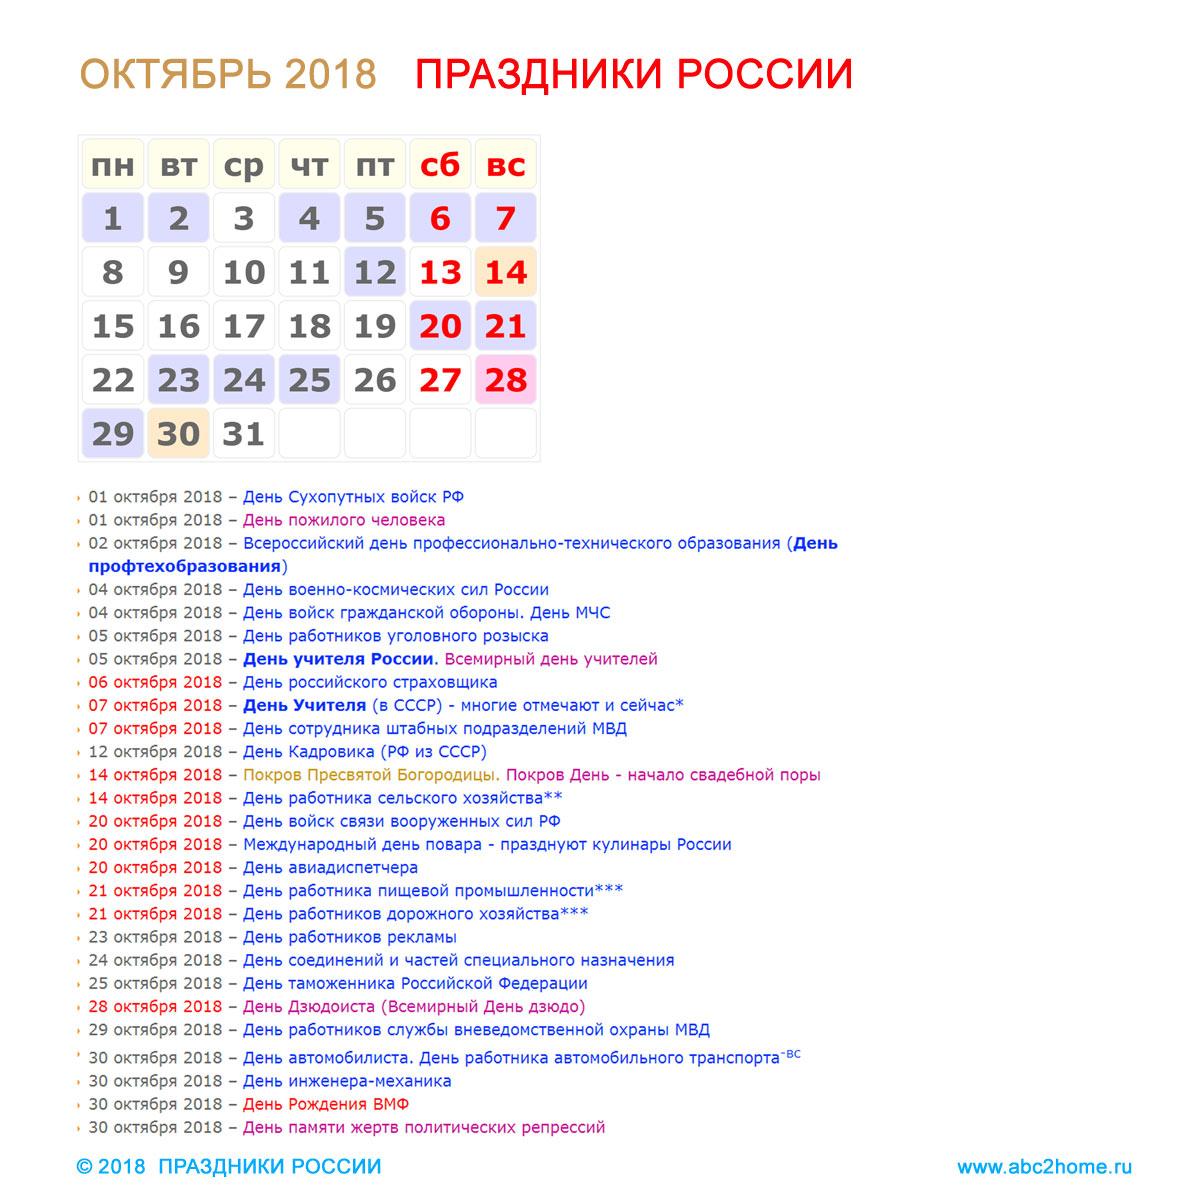 kalendarik_oktyabr_2018.jpg